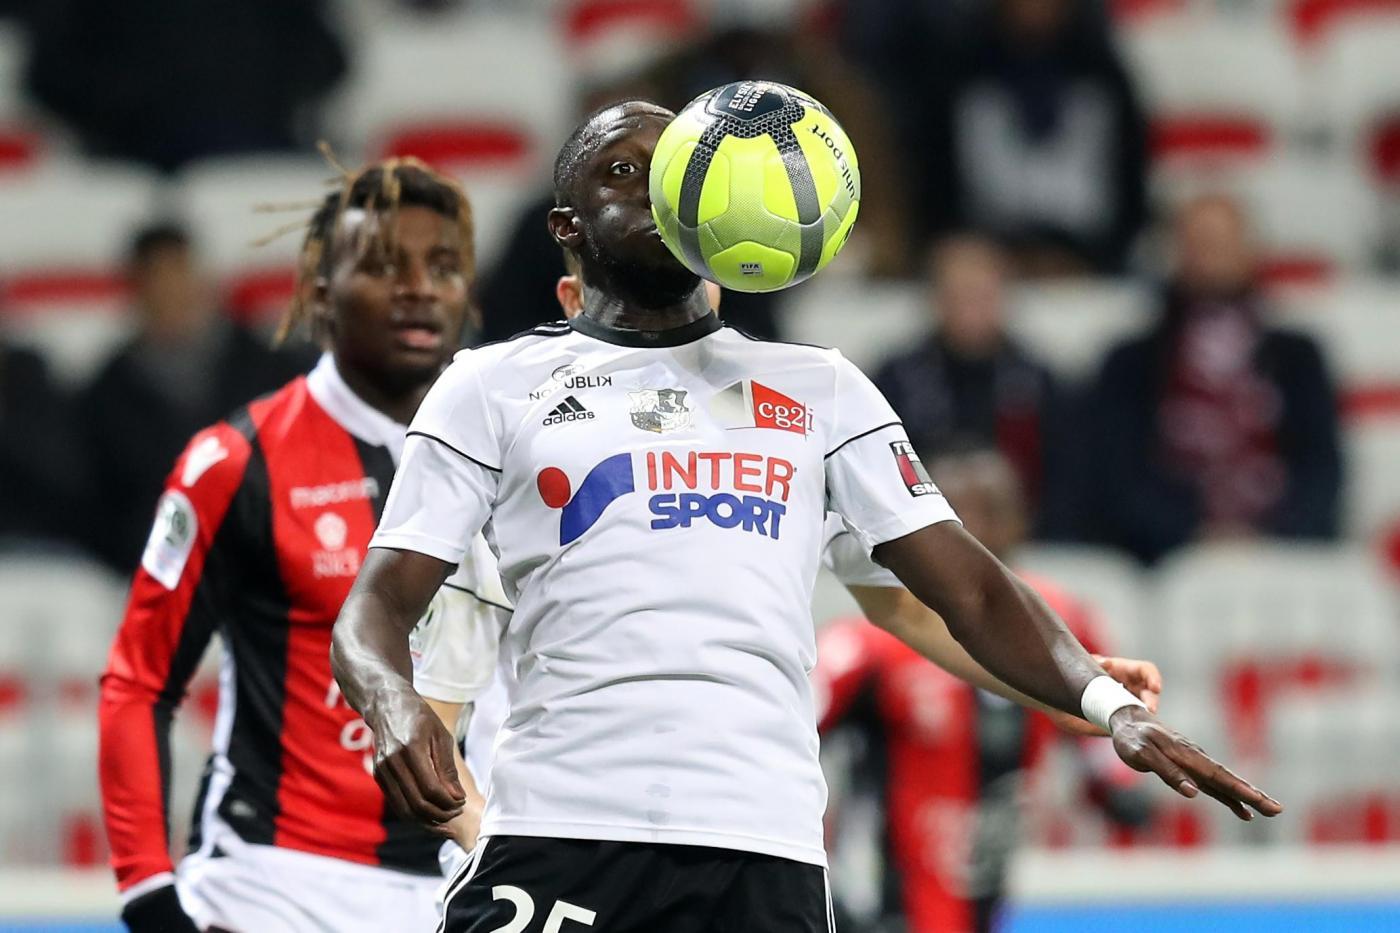 Guingamp-Amiens 8 dicembre: match valido per la 17 esima giornata del campionato francese. Sfida tra le ultime 2 della classifica.